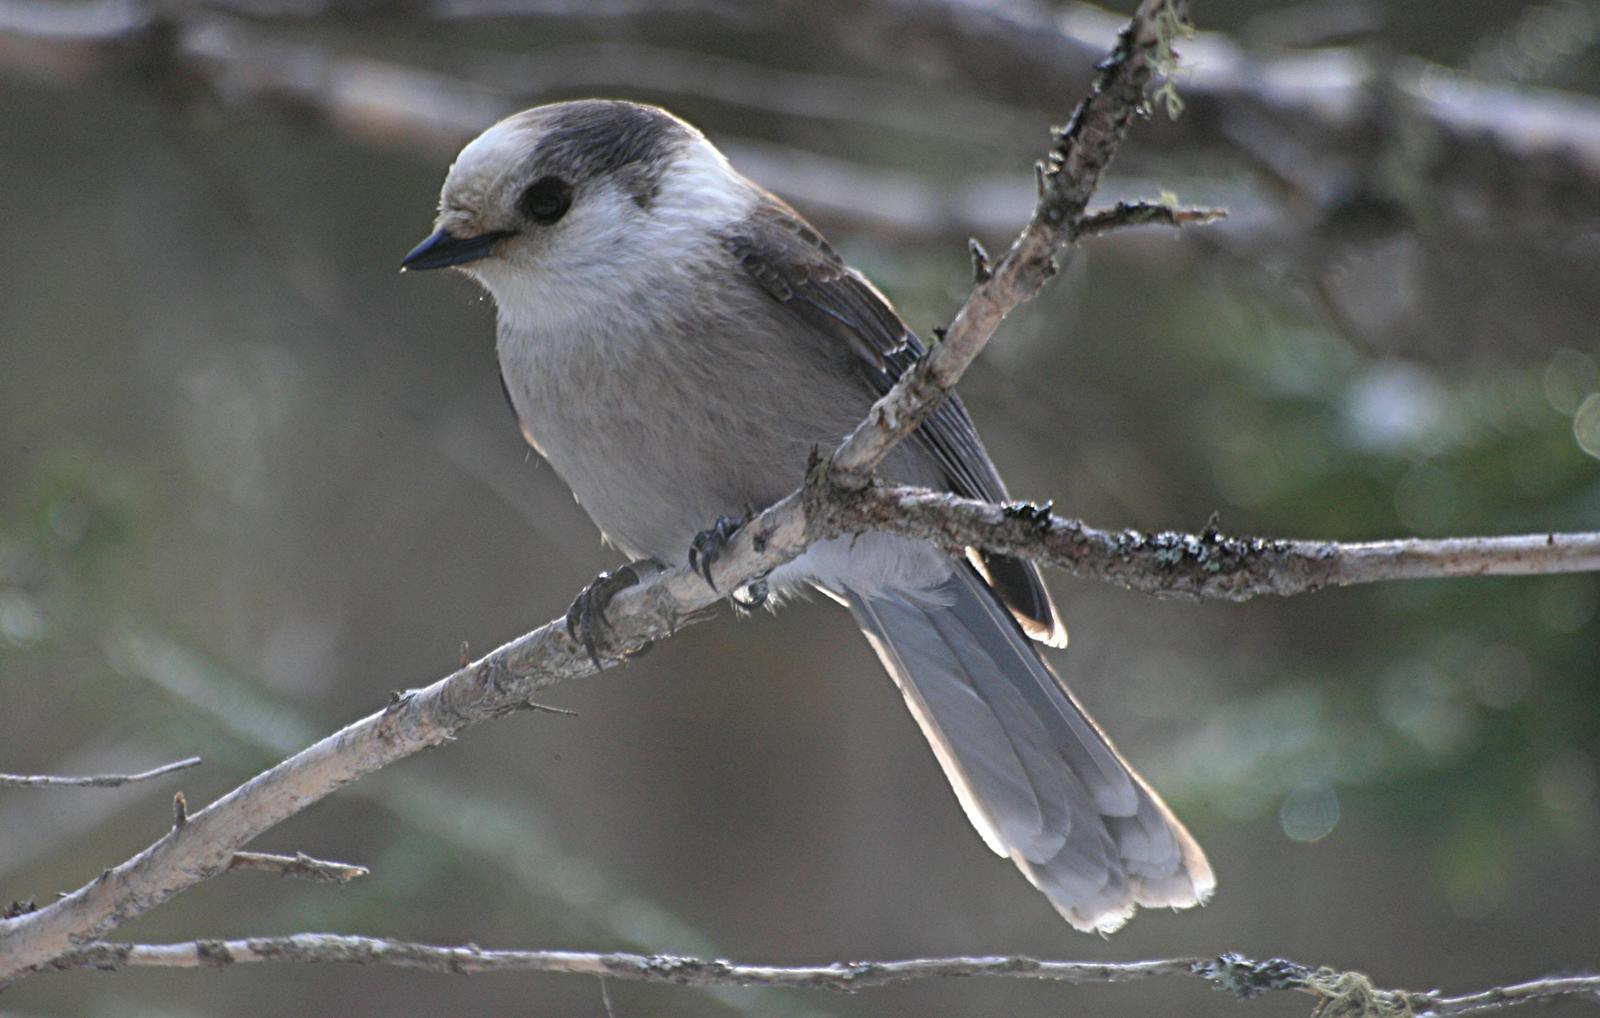 Canada Jay (Northern) Photo by Aaron Hywarren